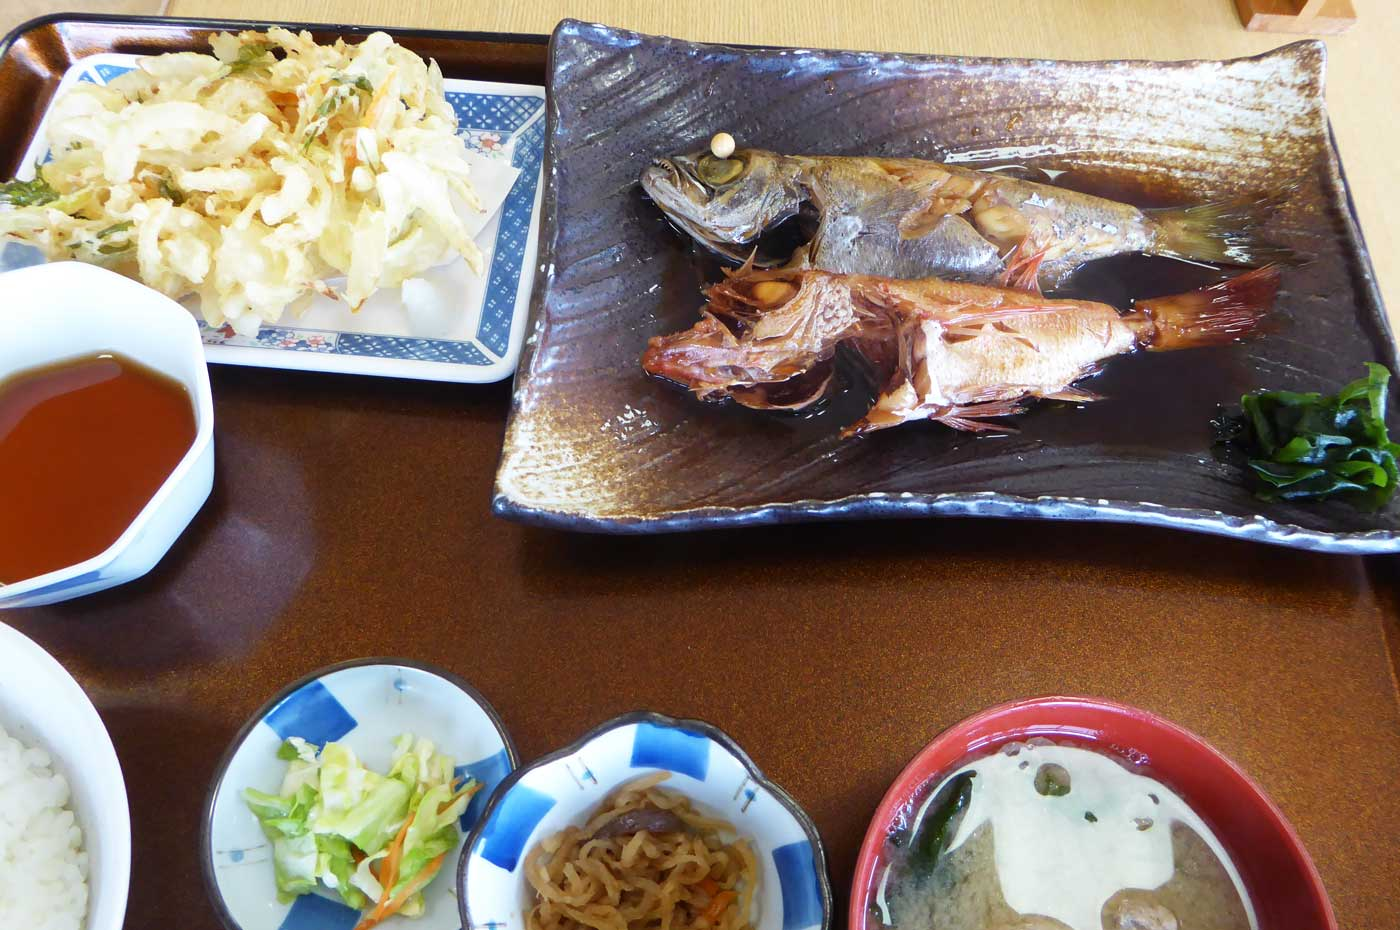 赤むつ・黒むつ煮魚定食